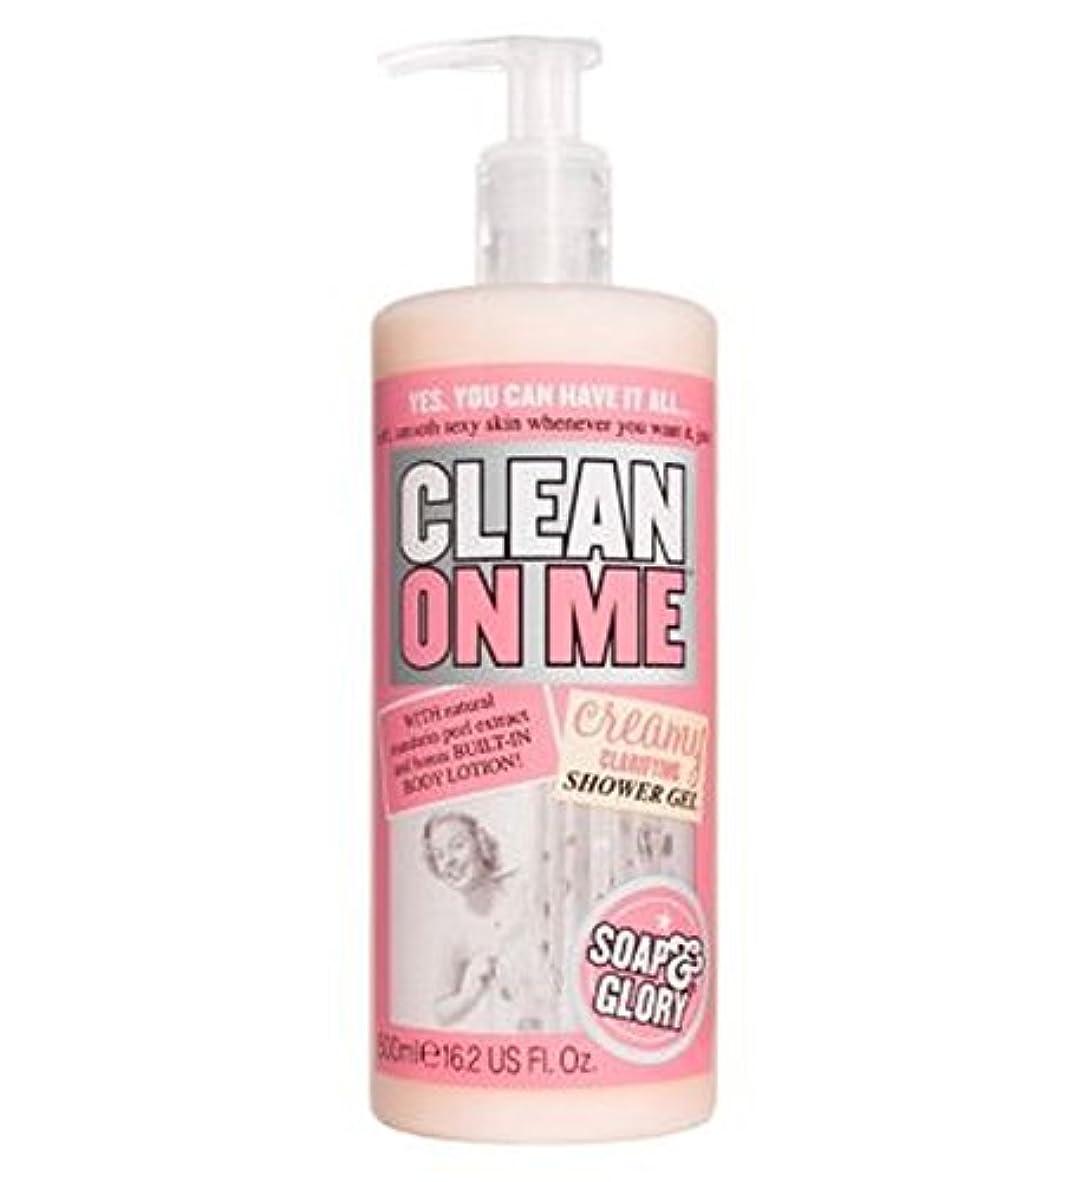 アミューズはちみつアルカイックSoap & Glory Clean On Me Creamy Clarifying Shower Gel 500ml - 私にきれいな石鹸&栄光はシャワージェル500ミリリットルを明確にクリーミー (Soap & Glory...